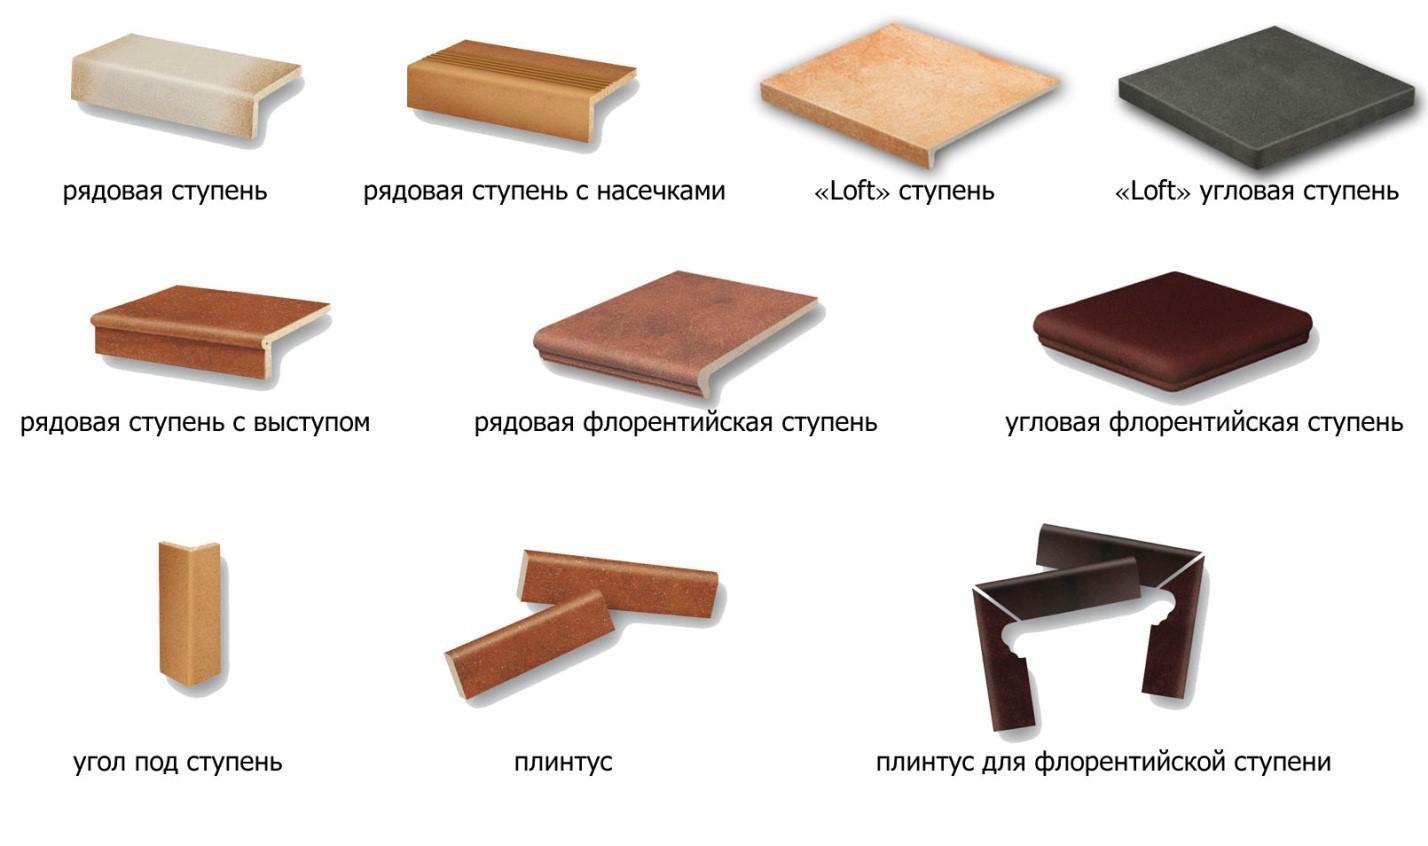 виды клинкерной плитки